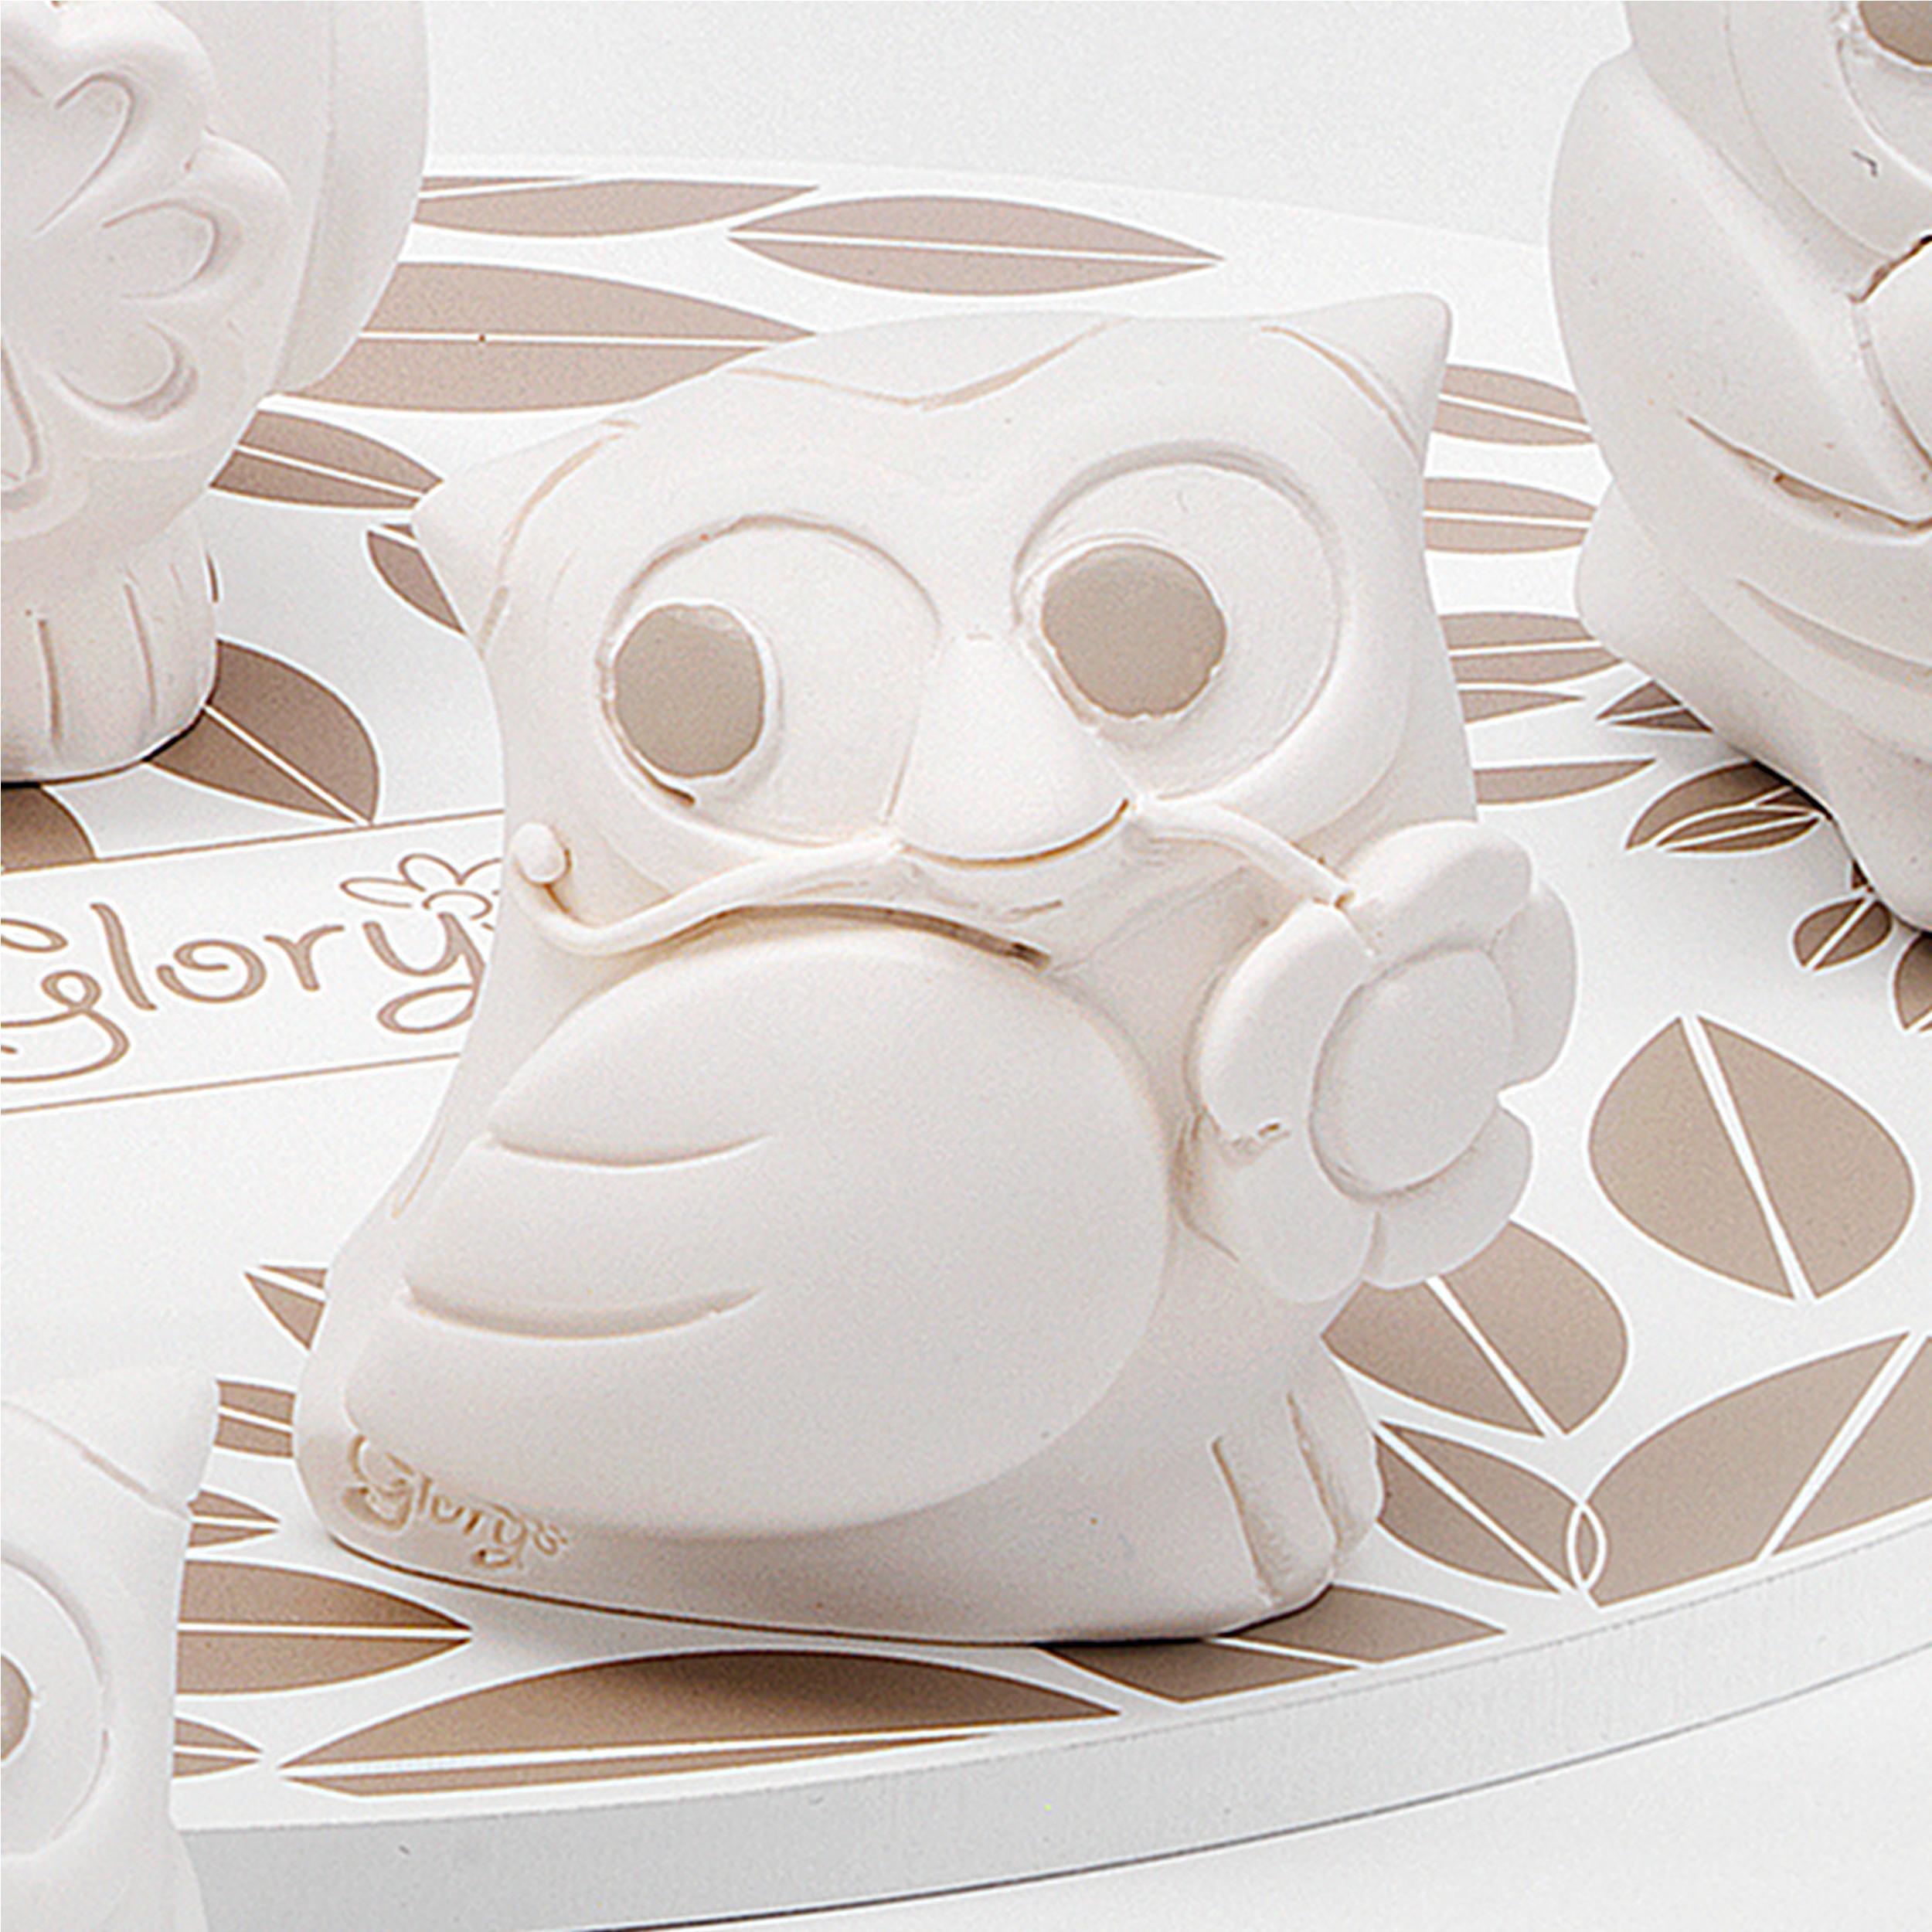 Gufo Fiore per cresima e comunione in resina Bianca h 6 cm in scatola  regalo , bomboniera | Fantin Argenti